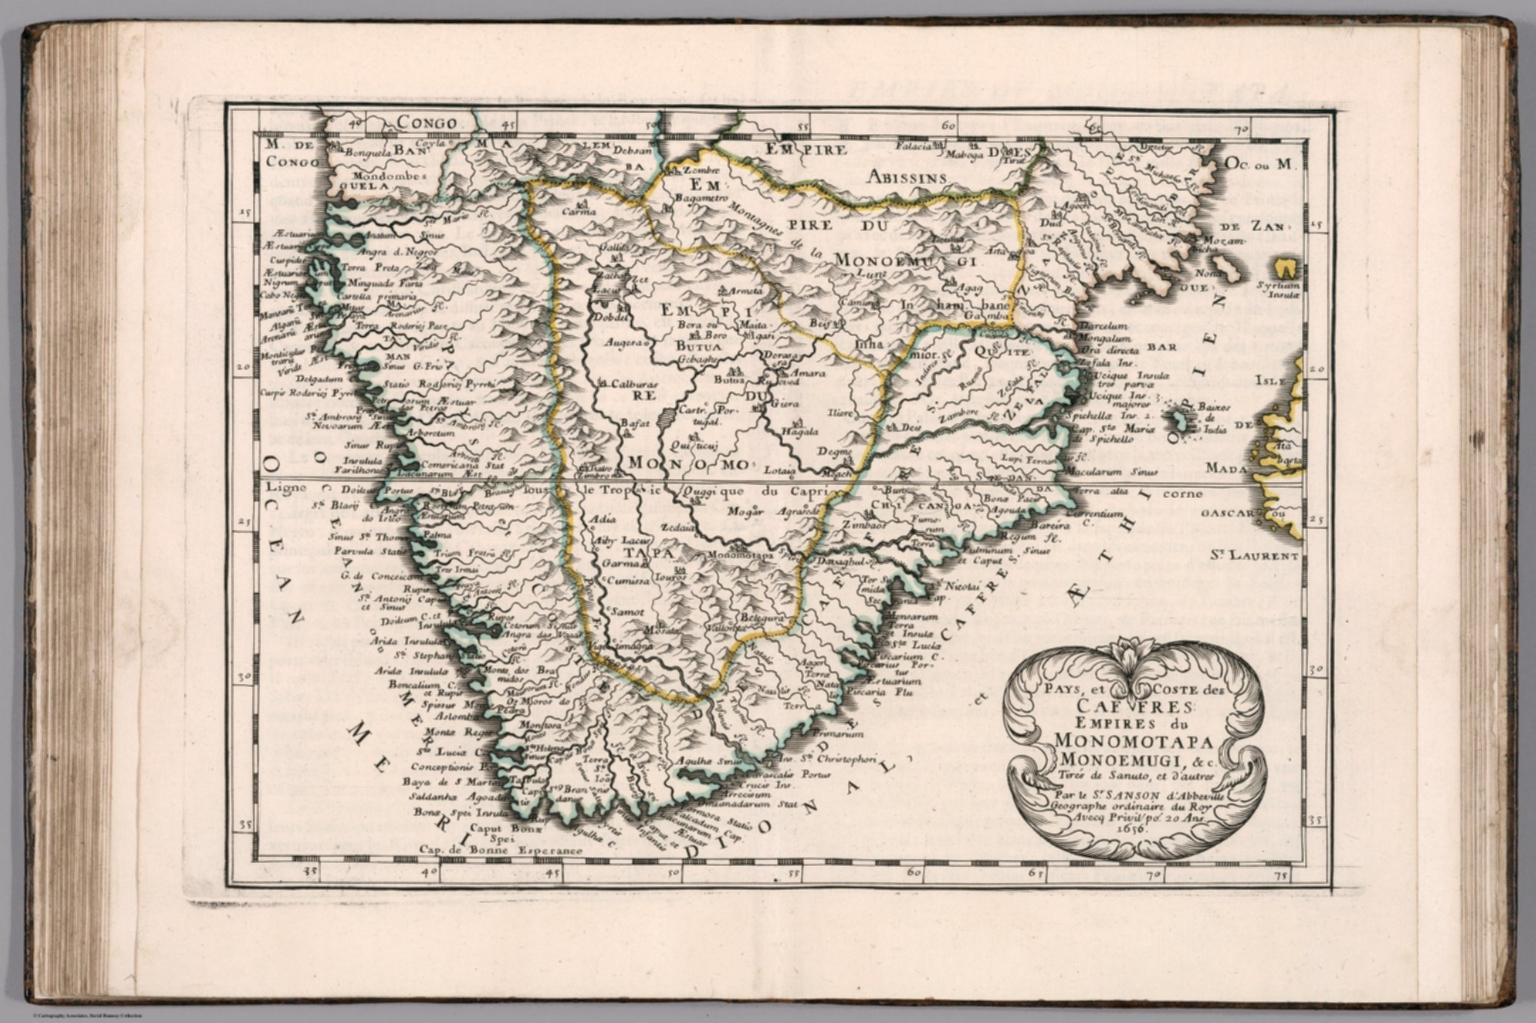 Pays, et Coste des Caffres: Empires de Monomotapa, Monoemugi, &c.